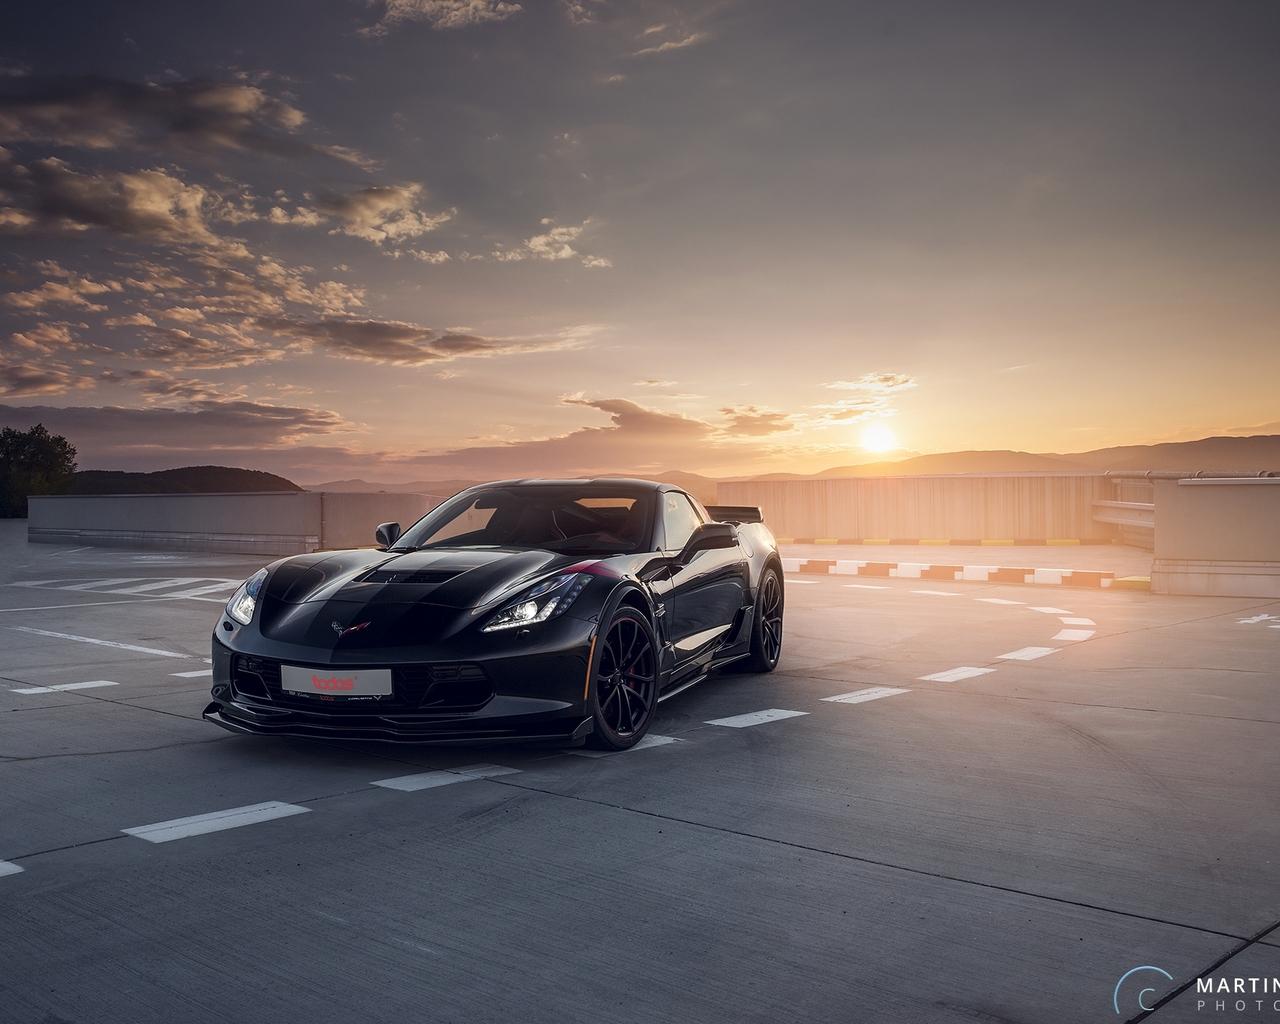 black-corvette-ir.jpg